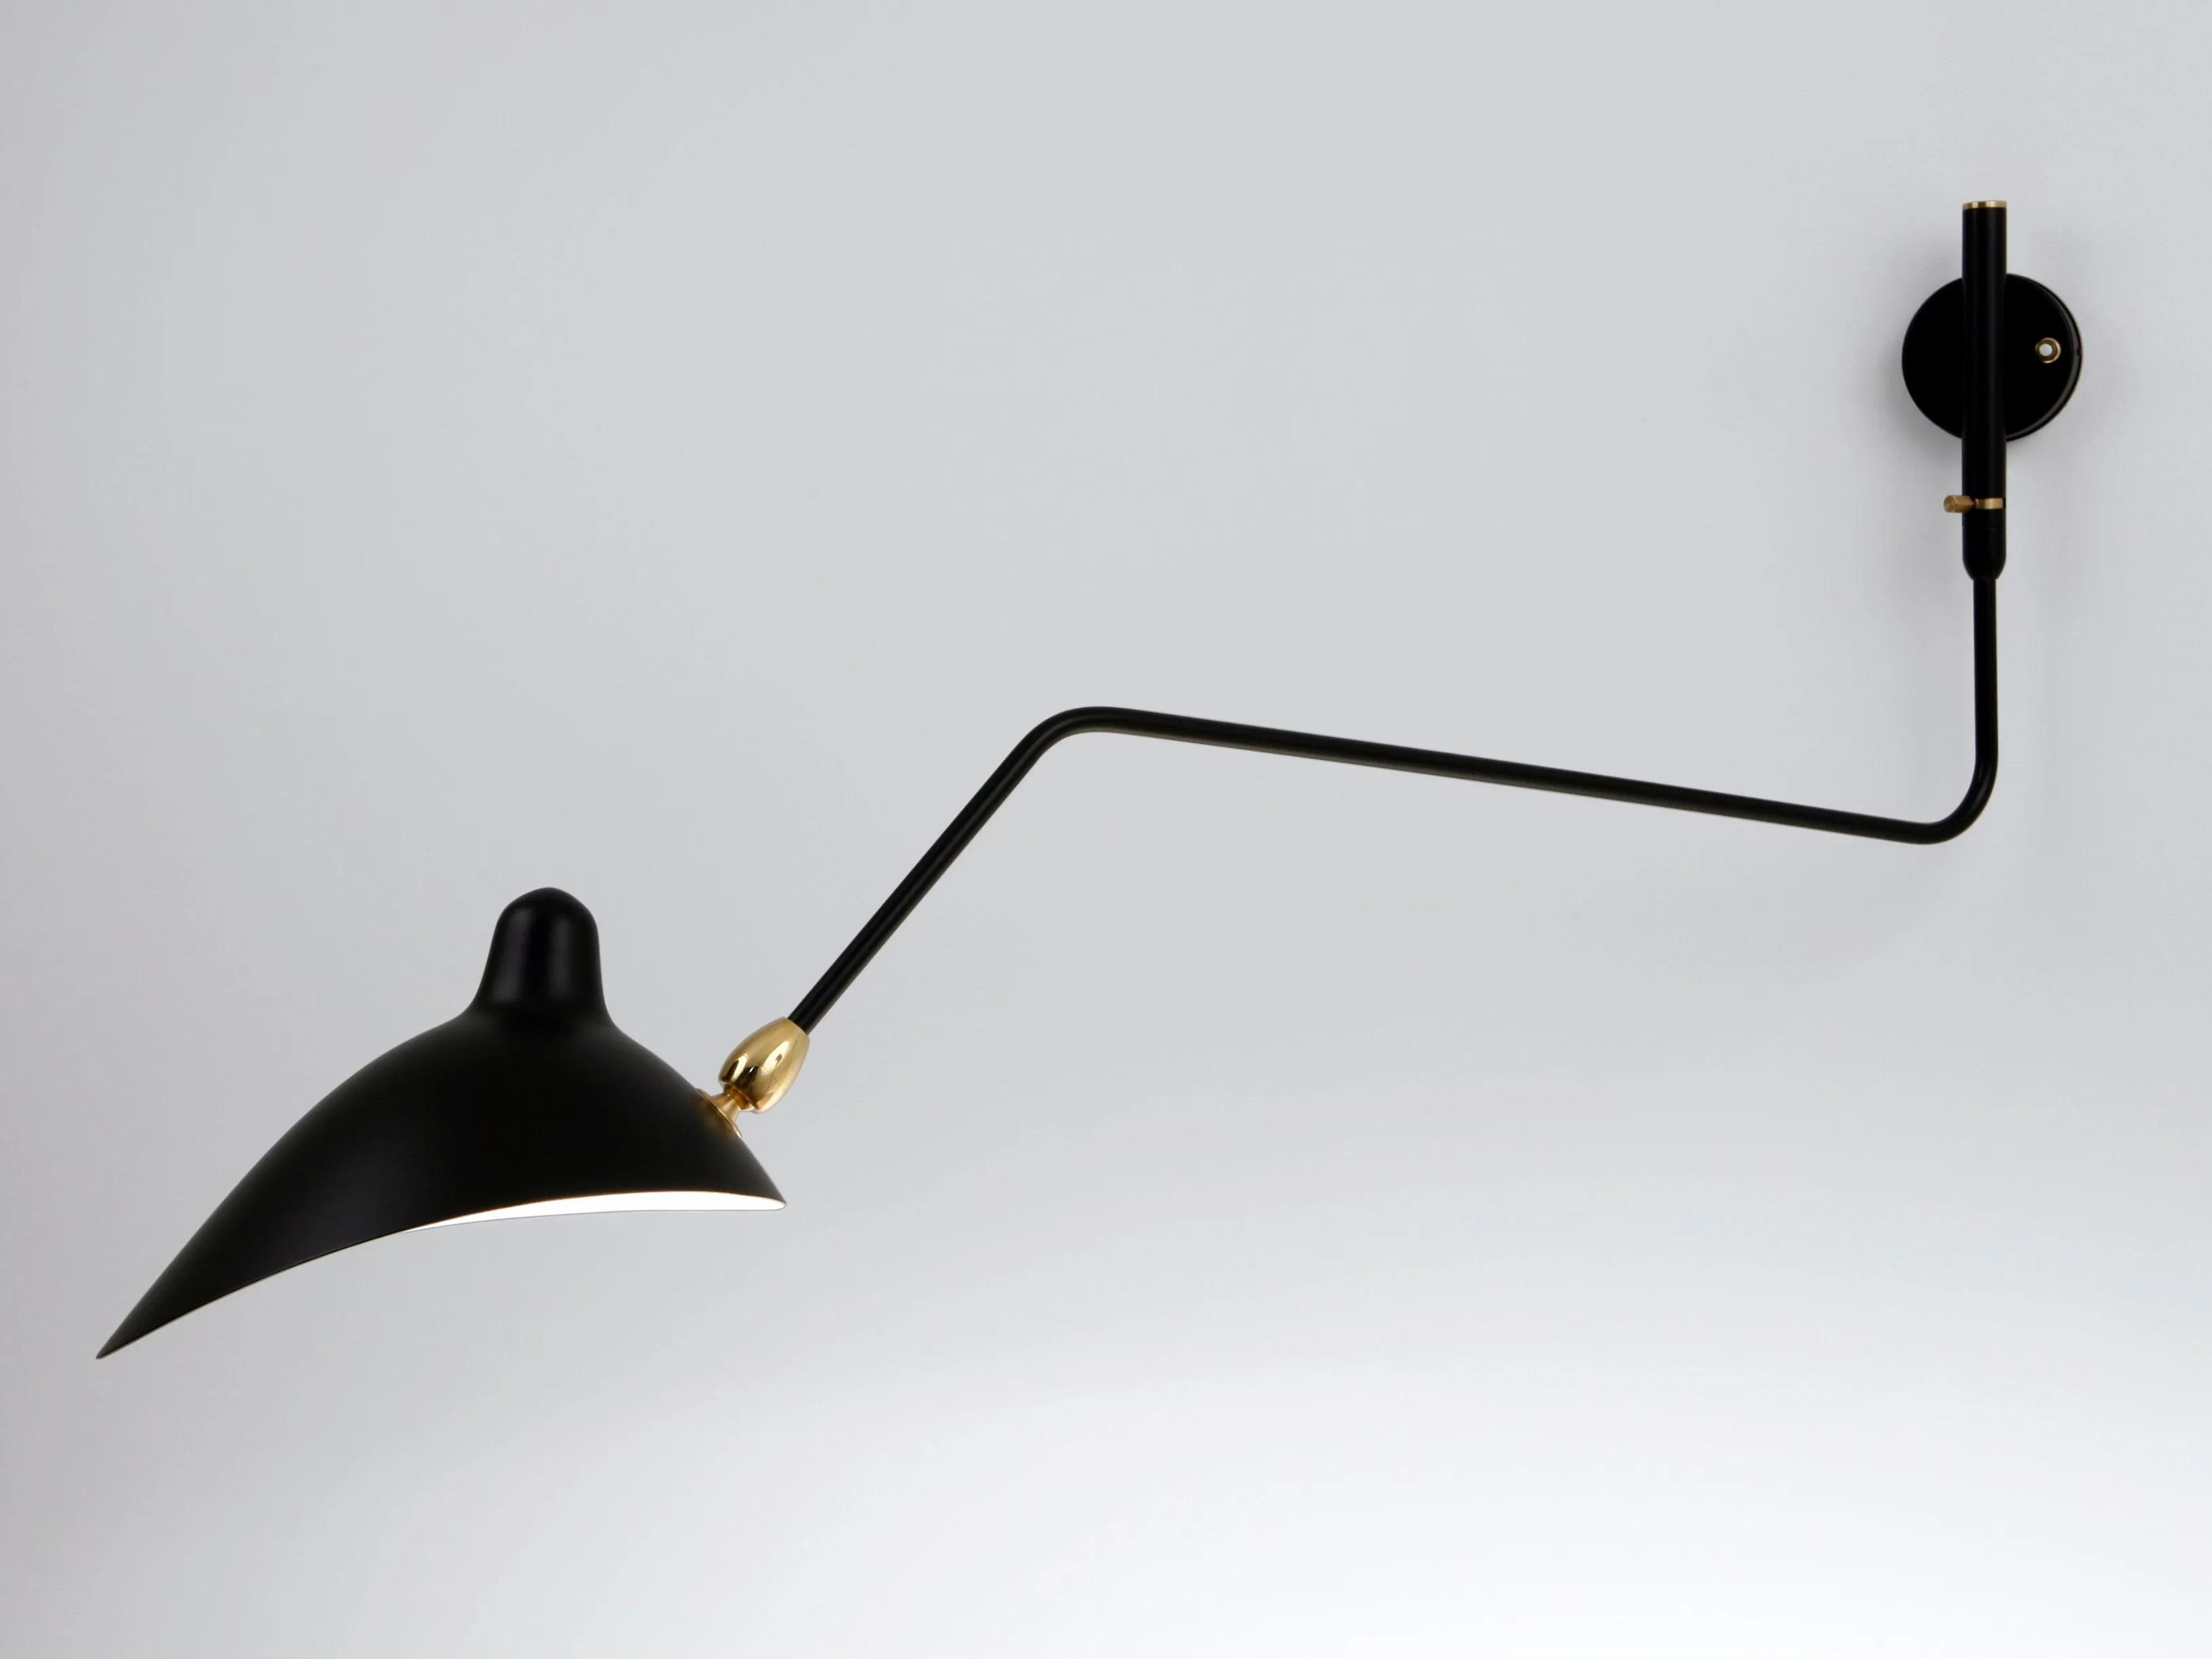 Lampada da muro con braccio flessibile lampada da parete art